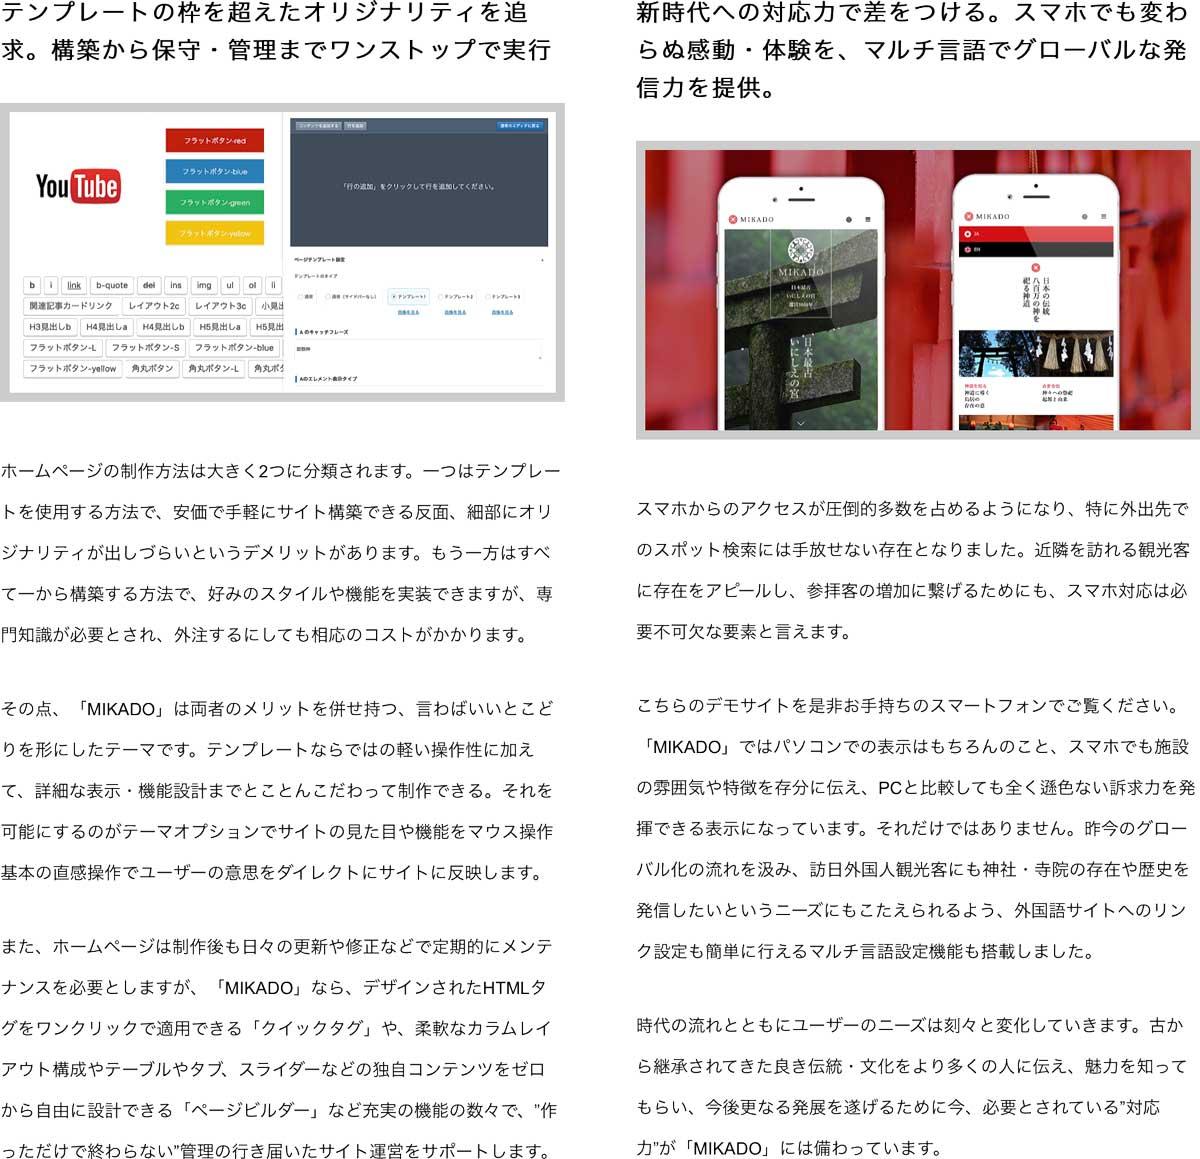 MIKADOは、神社や寺院をコンセプトにし、日本の美的感覚を表現したテーマ(WPテーマ、ワードプレステーマ) wordpress_free_themes_tcd071_05